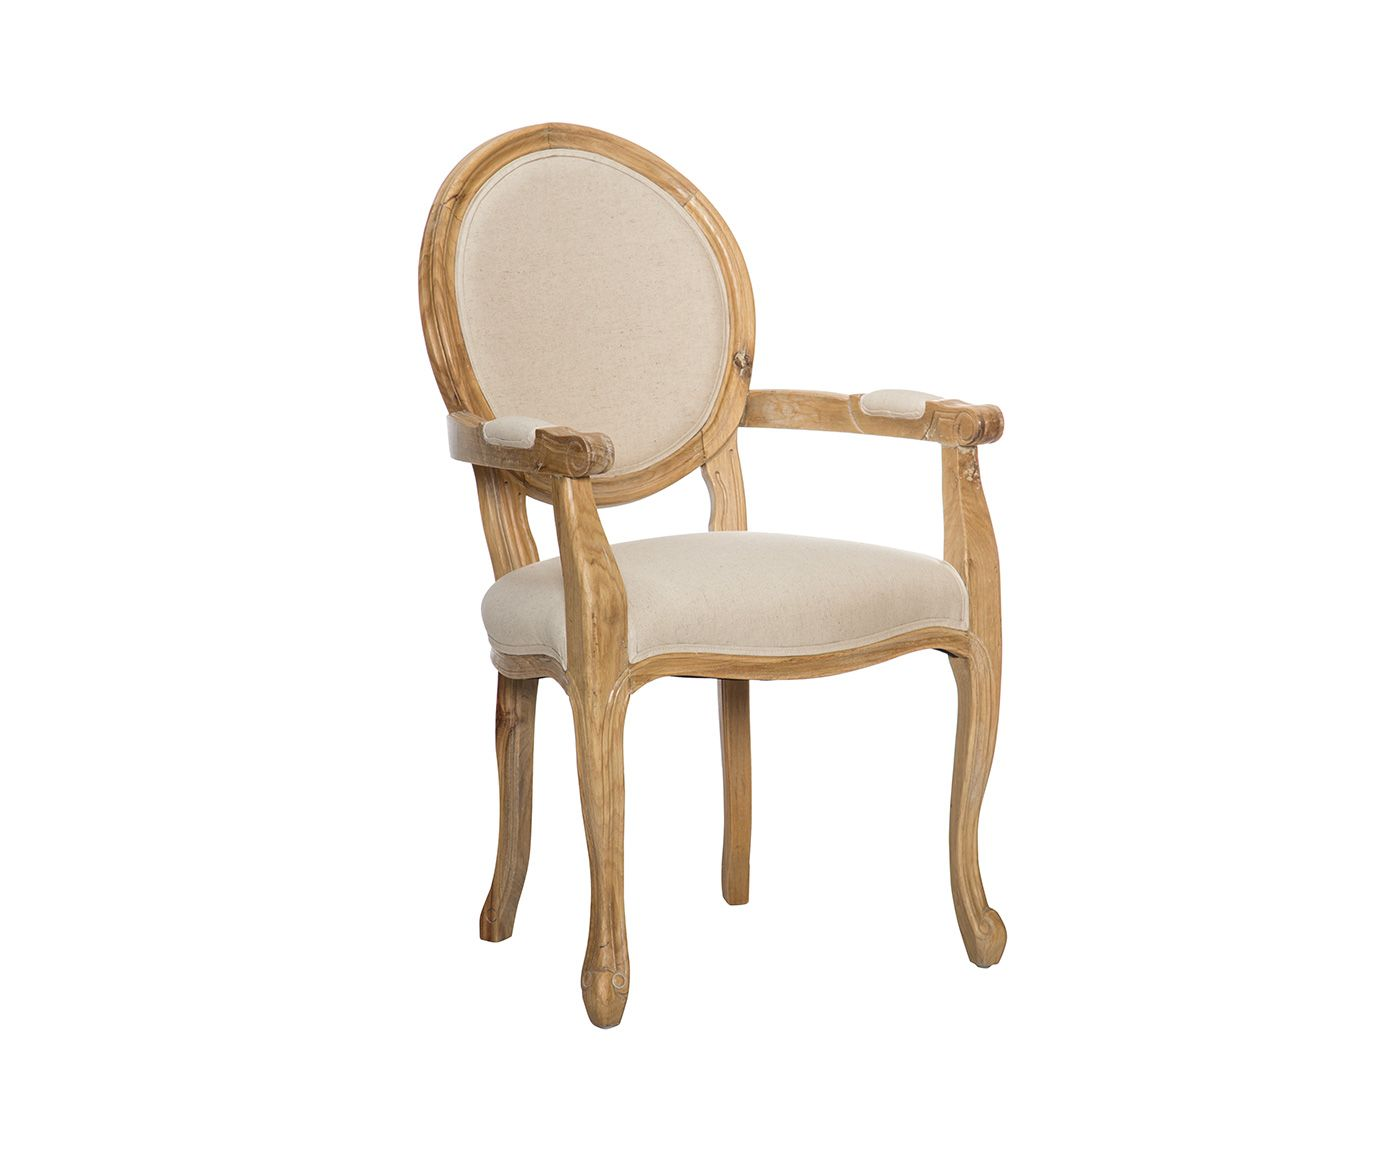 Silla en roble y lino con reposabrazos i natural y crudo westwing home living mobiliario - Westwing sillas ...